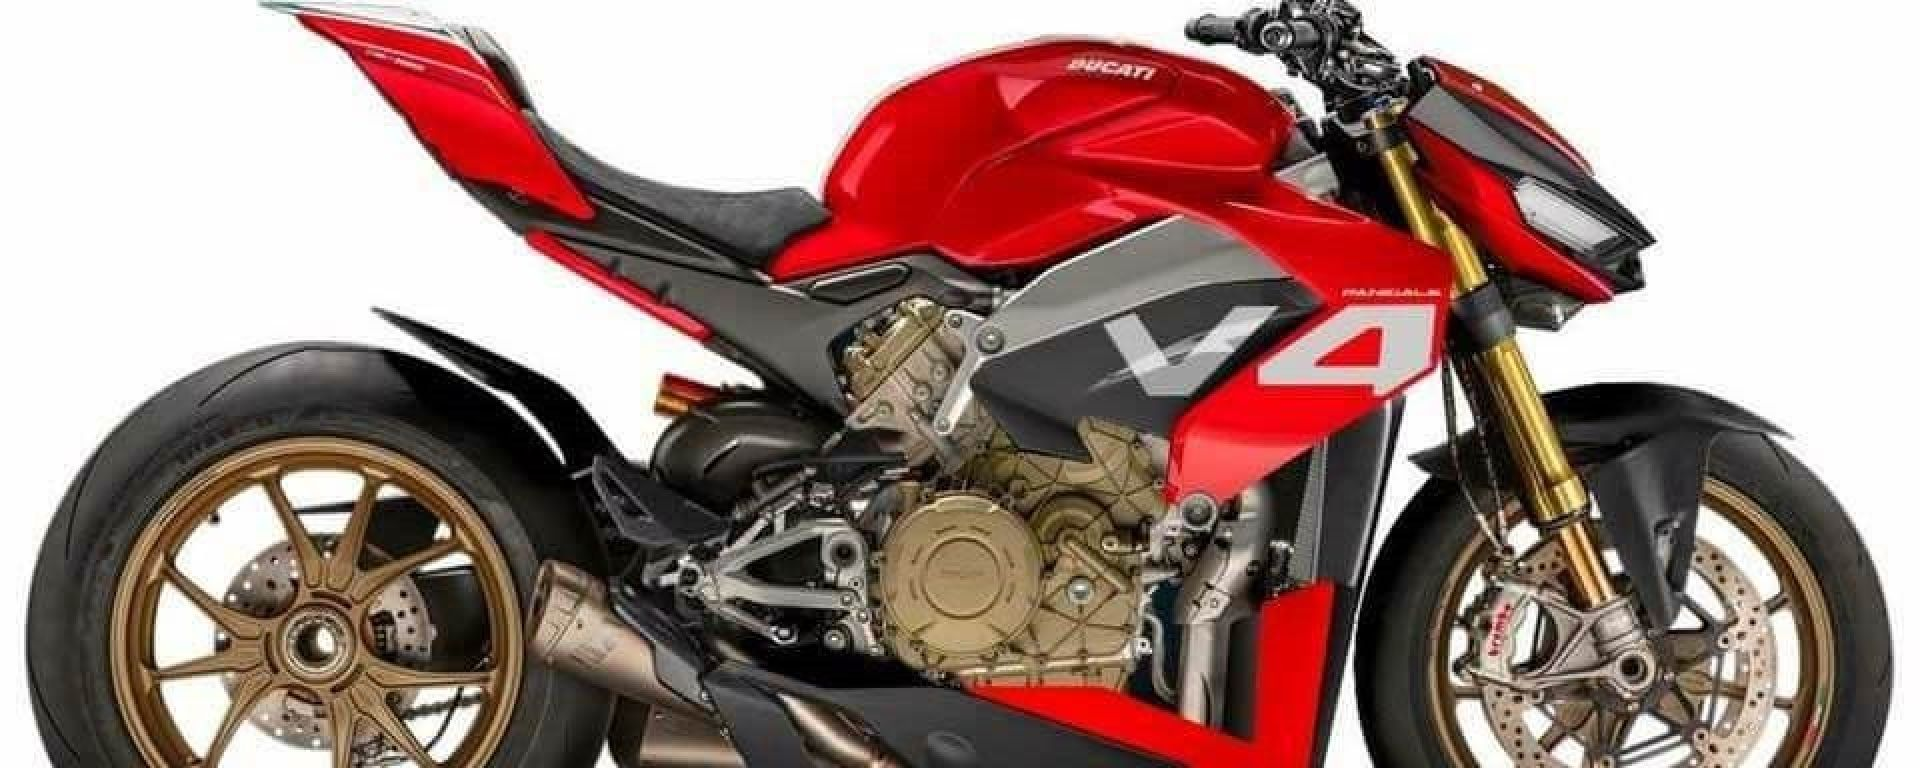 Ducati Streetfighter V4: ecco un render di come potrà essere